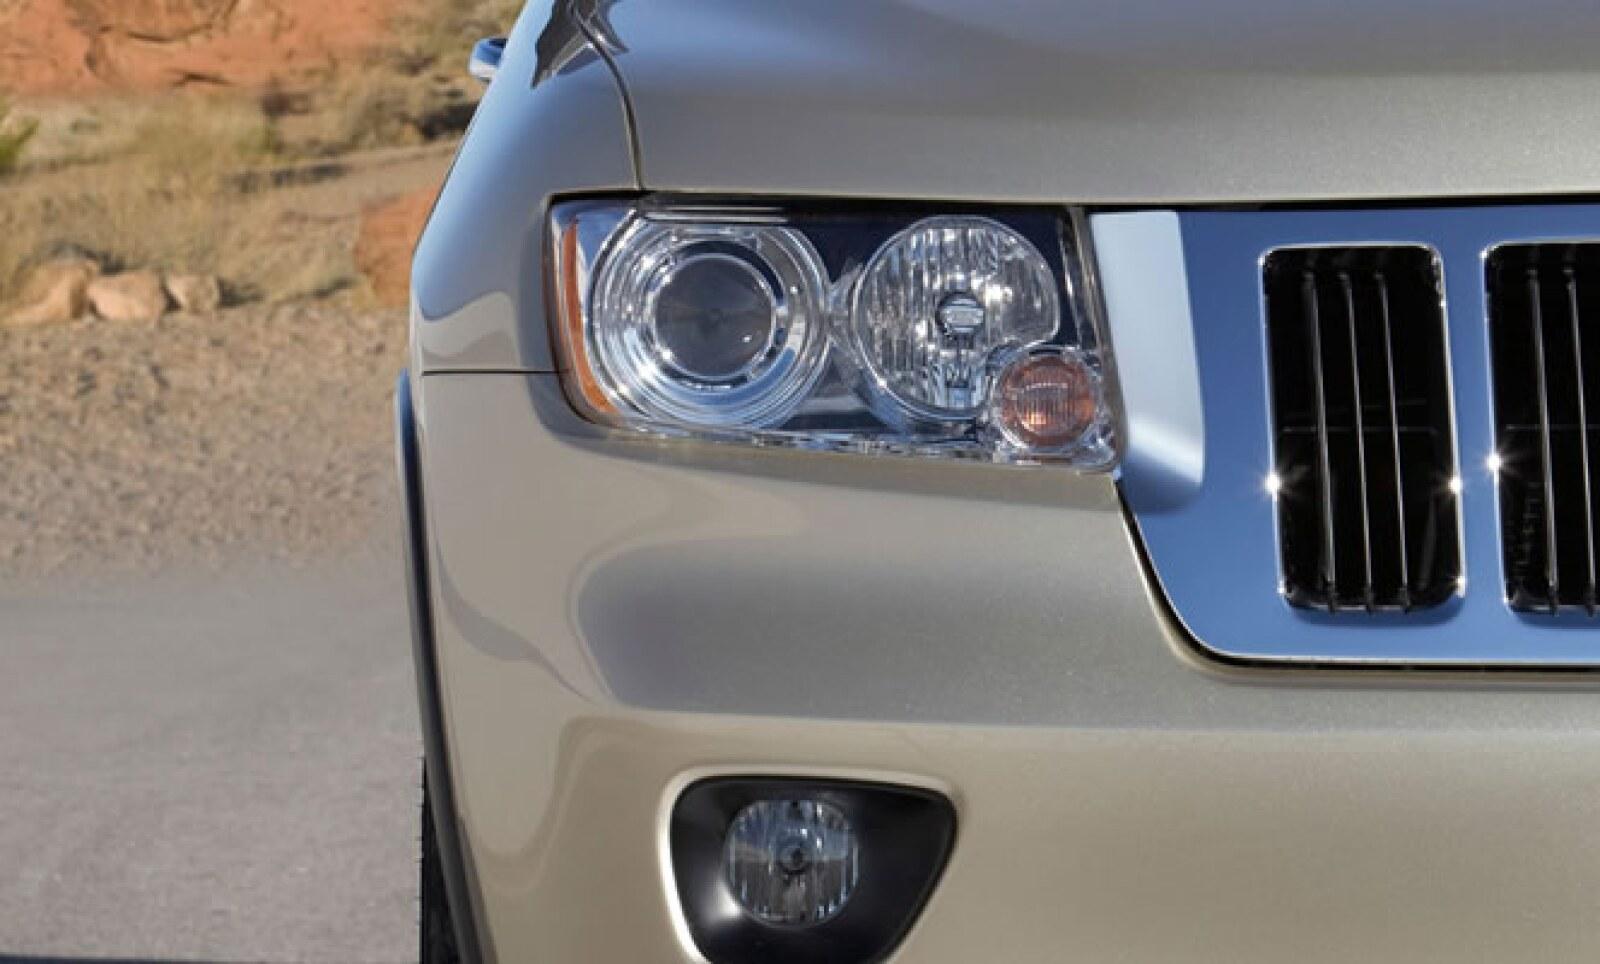 Posee frenos ABS, control de tracción, bolsas de aire, asistente en pendientes y sensor para medir distancias al estacionarte.